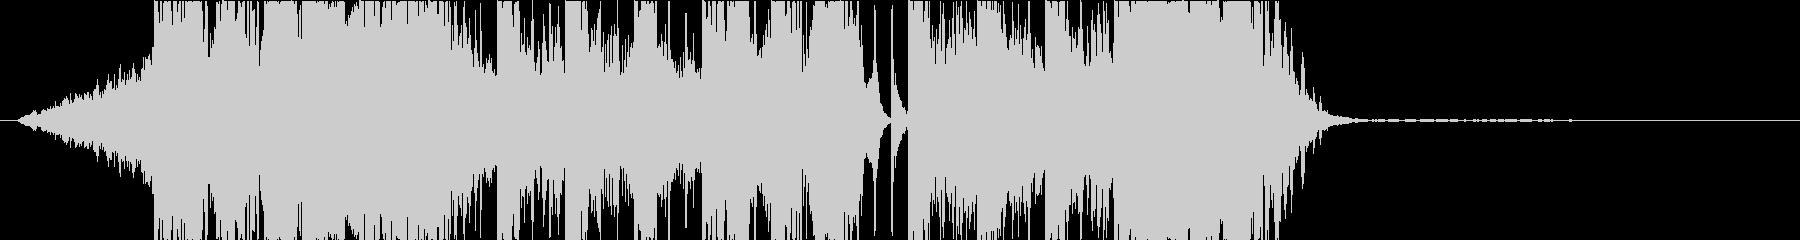 DUBSTEP クール ジングル160の未再生の波形